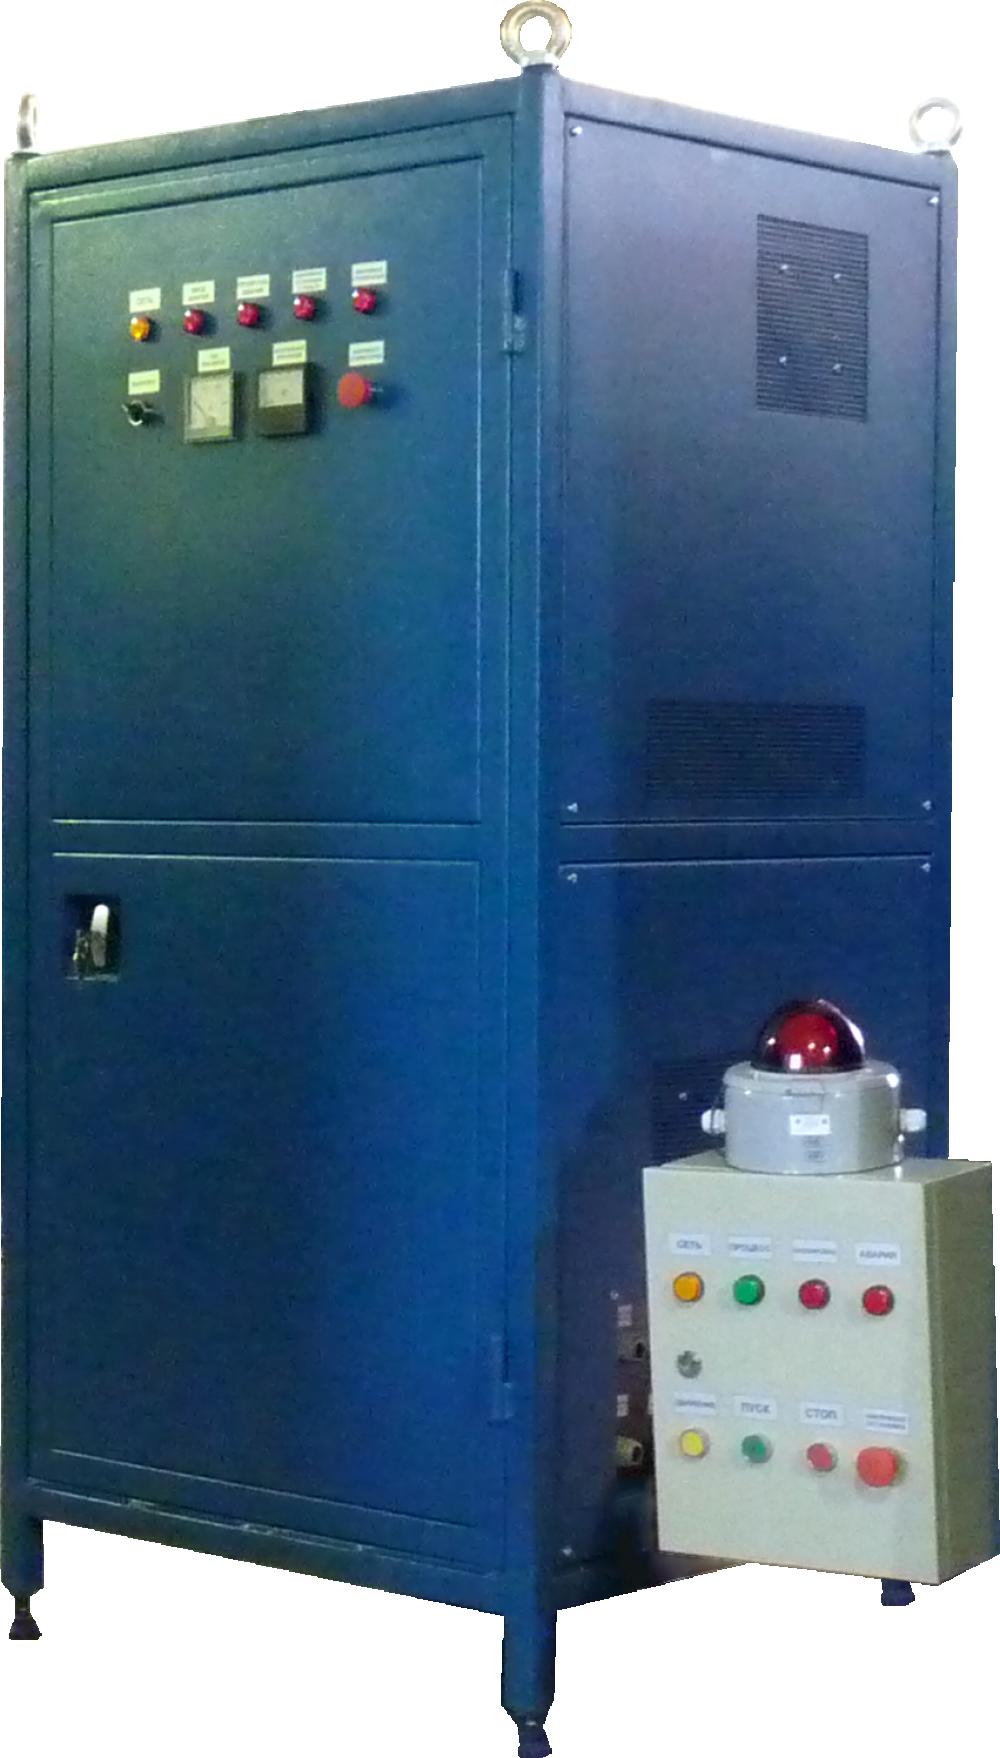 Комплекс ввода-вывода локомотивов под низким напряжением с источником питания бортовой сети  (ФУРС.565311.002-01)